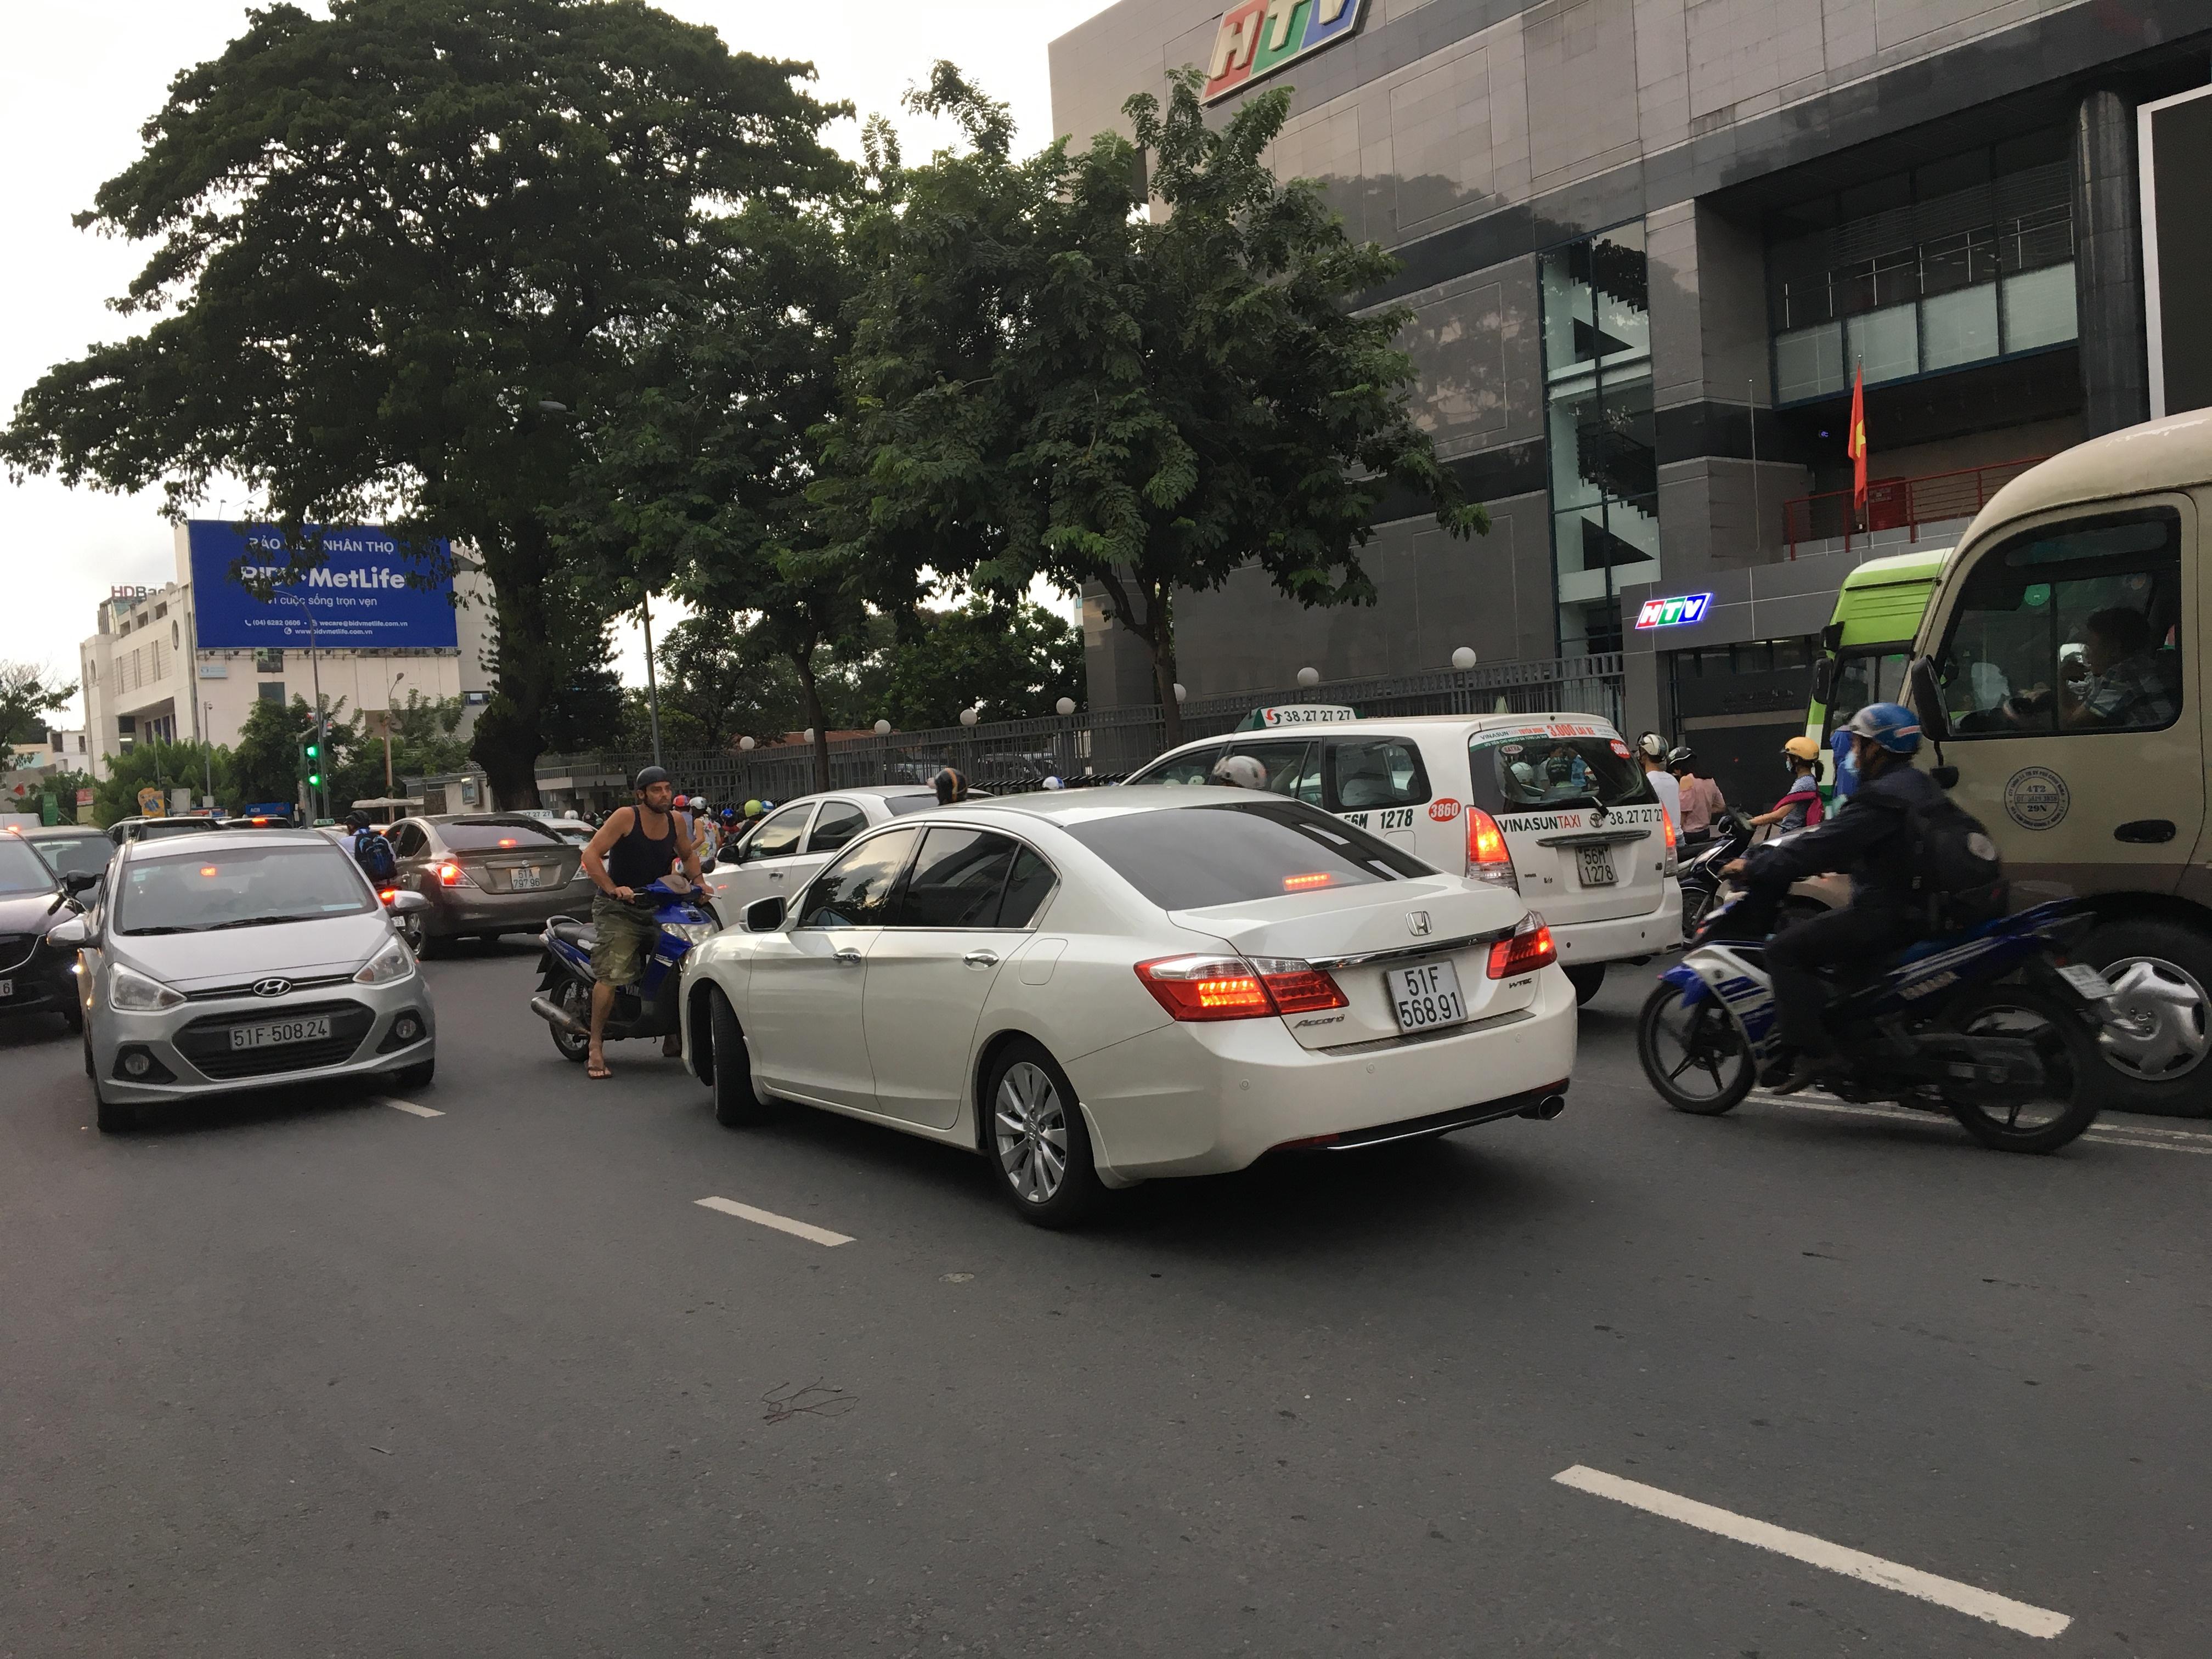 Tây chặn ô tô chạy ngược chiều ở trung tâm Sài Gòn, gọi CSGT lại xử lý 1